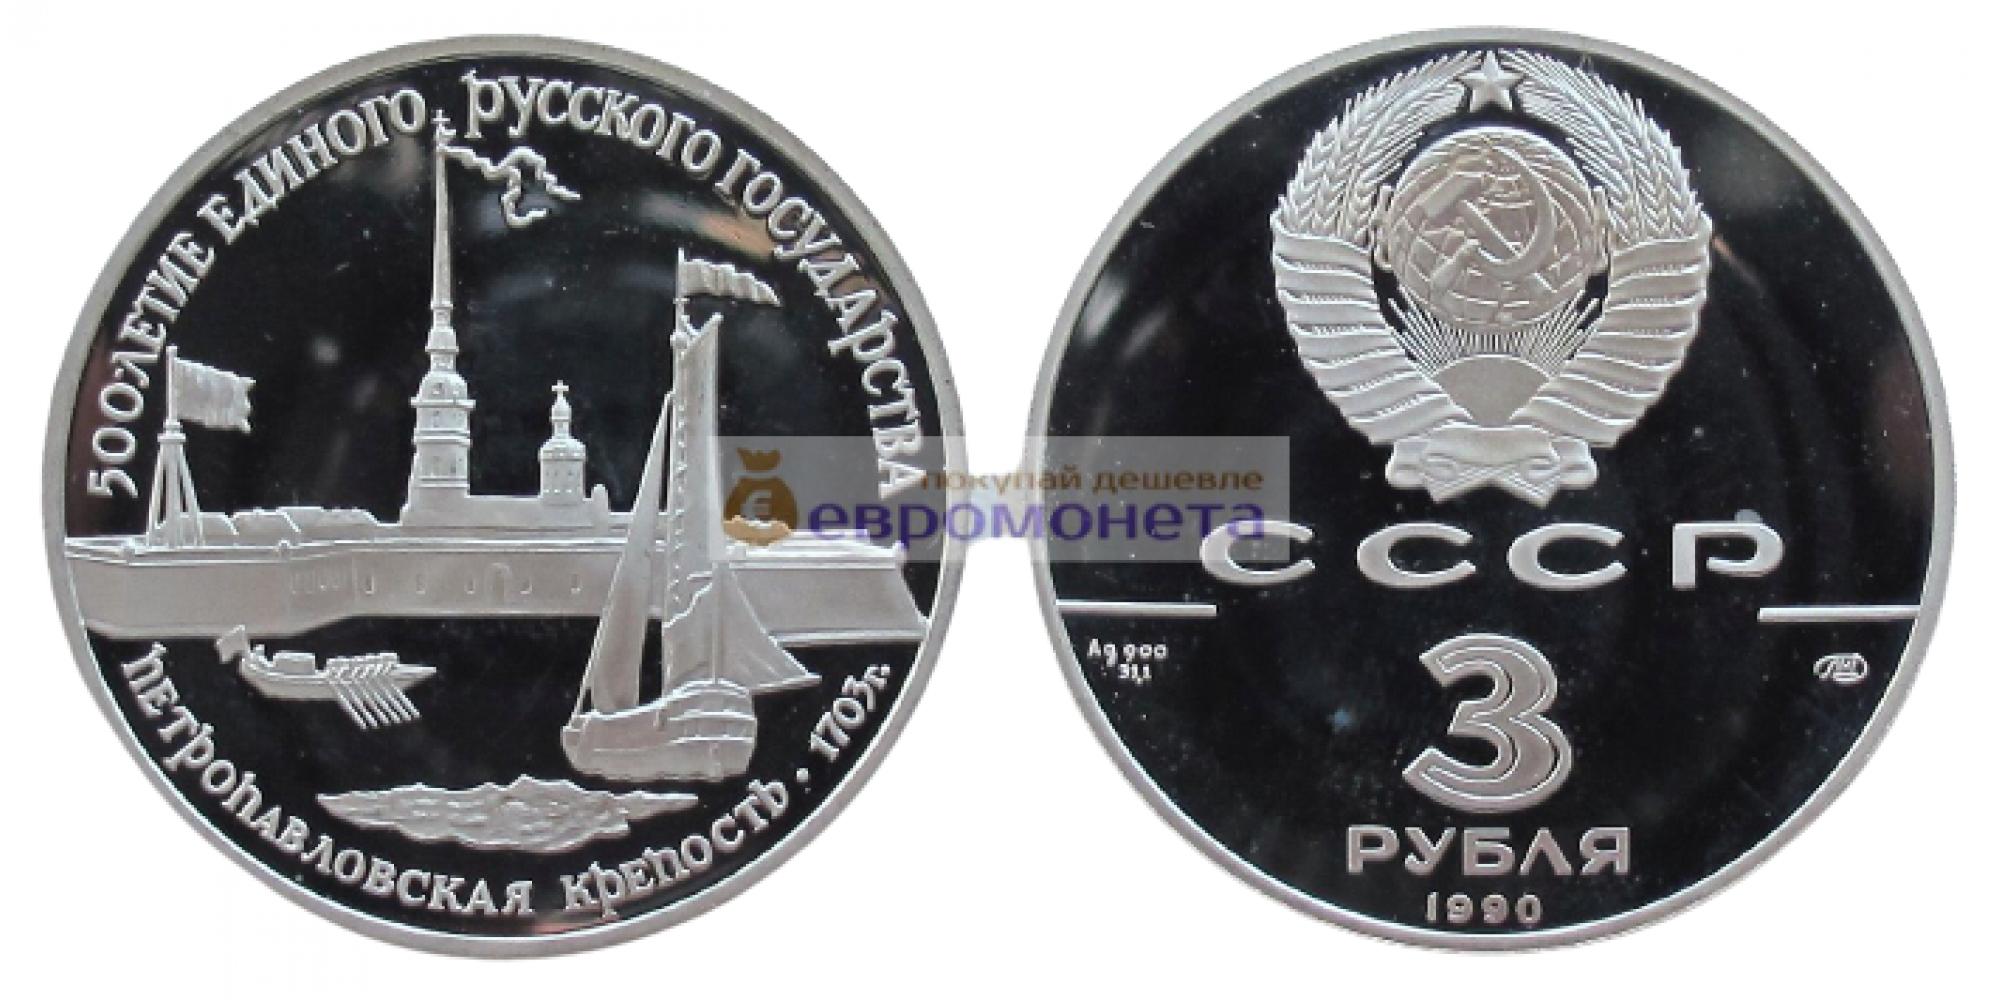 СССР 3 рубля 1990 год ЛМД 500 лет единому русскому государству - Петропавловская крепость. Пруф / Proof